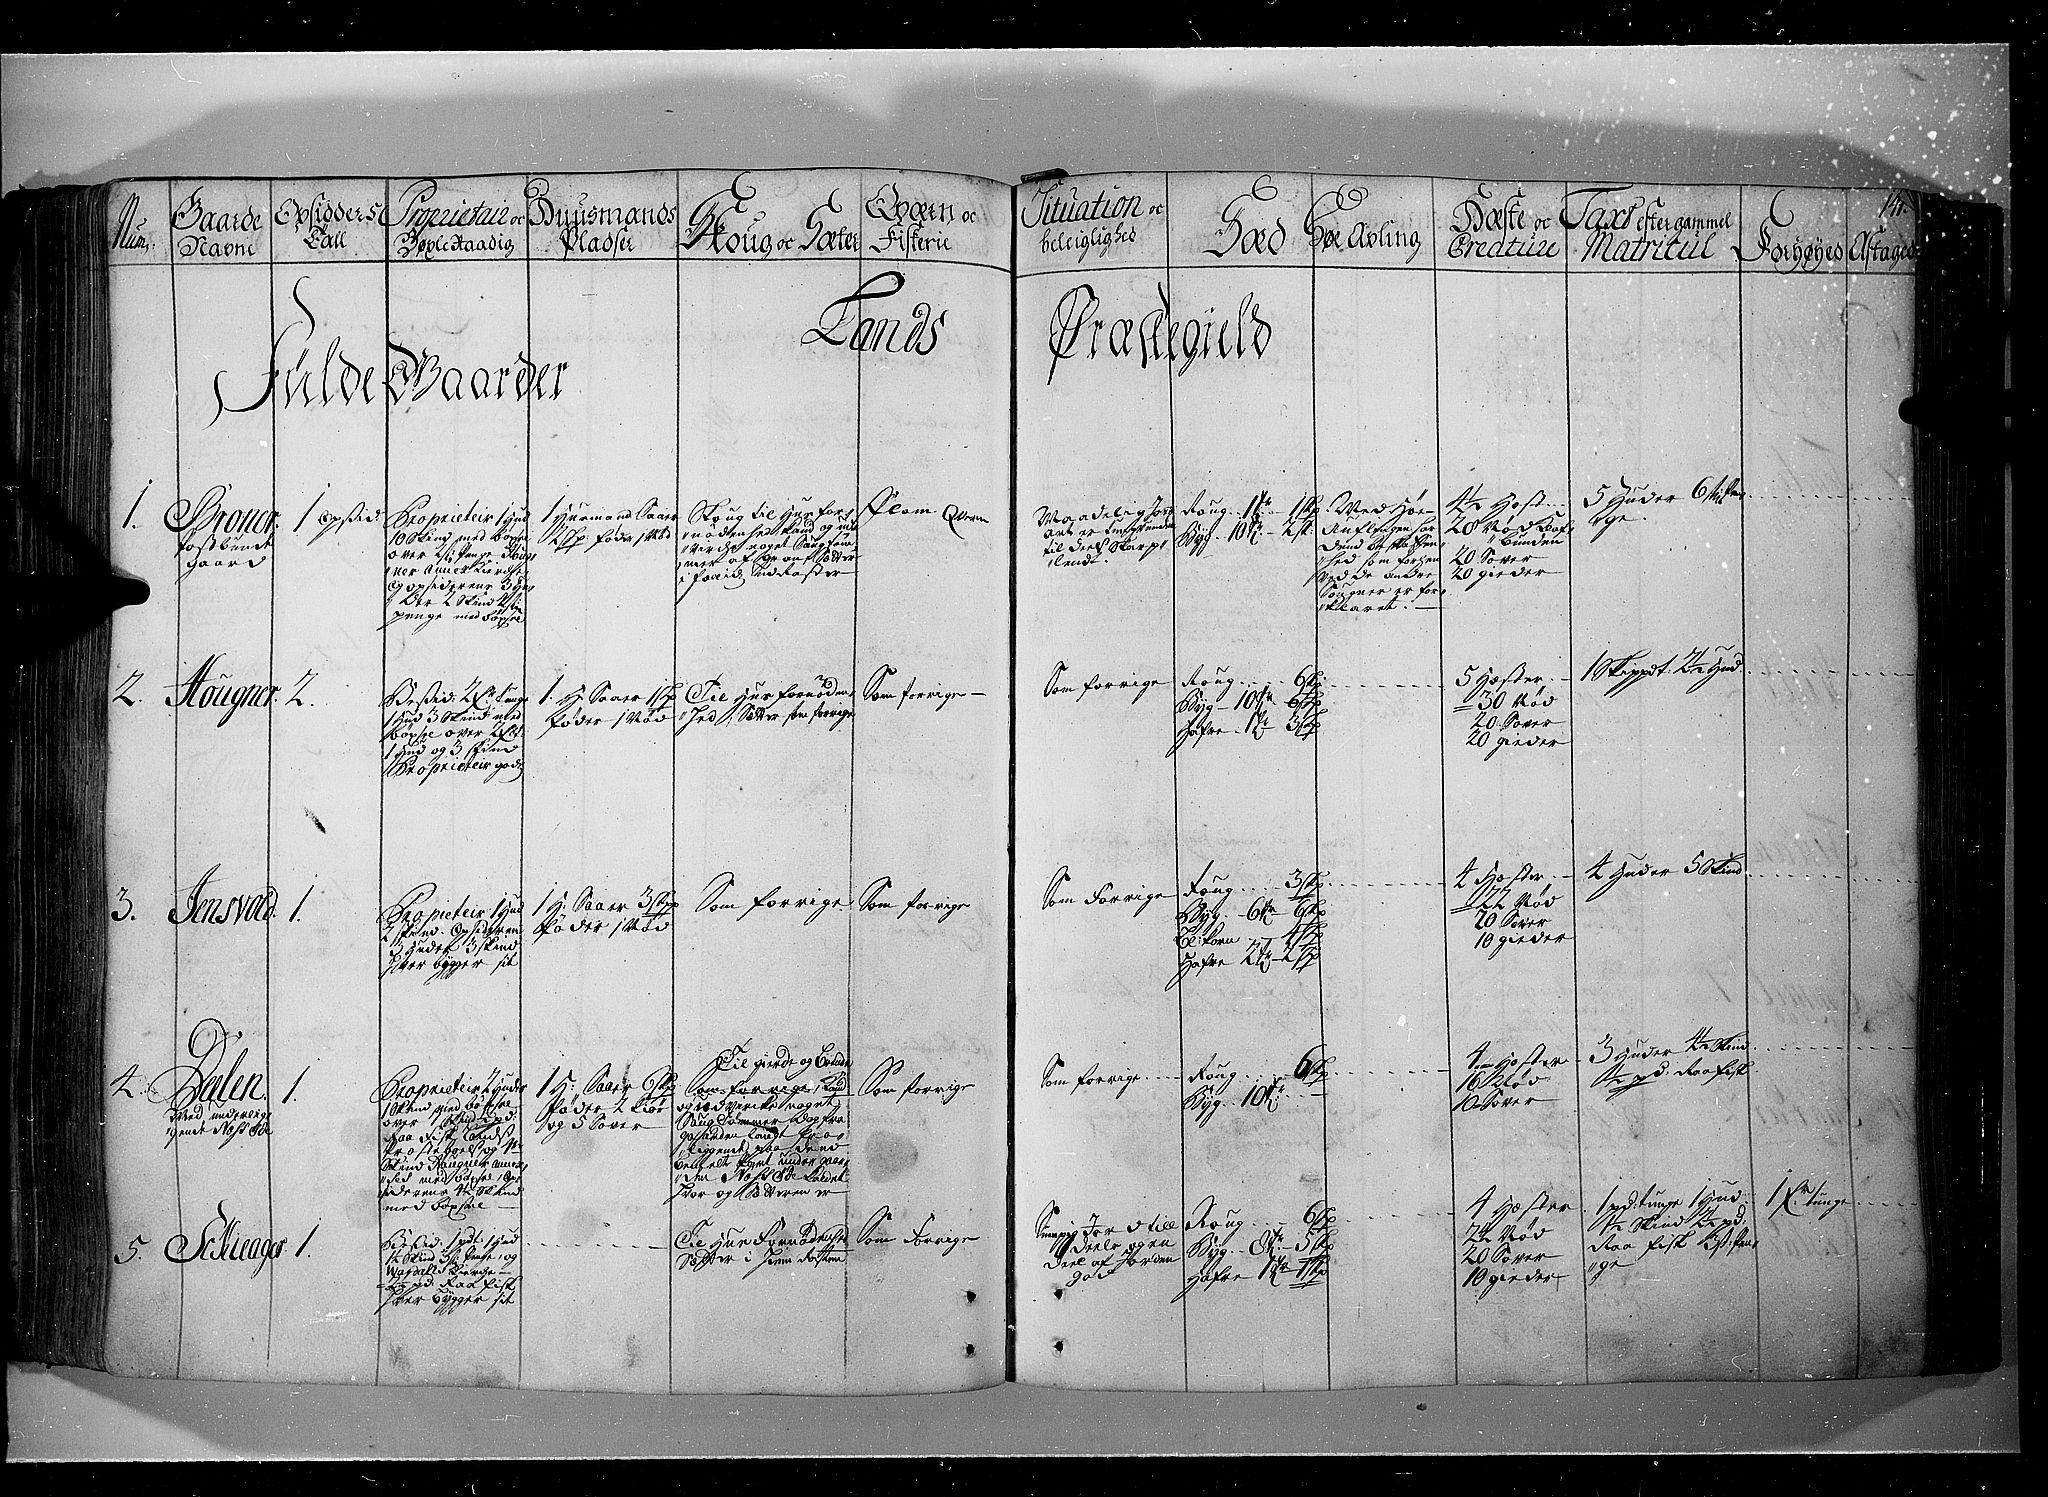 RA, Rentekammeret inntil 1814, Realistisk ordnet avdeling, N/Nb/Nbf/L0104: Hadeland, Toten og Valdres eksaminasjonsprotokoll, 1723, s. 140b-141a